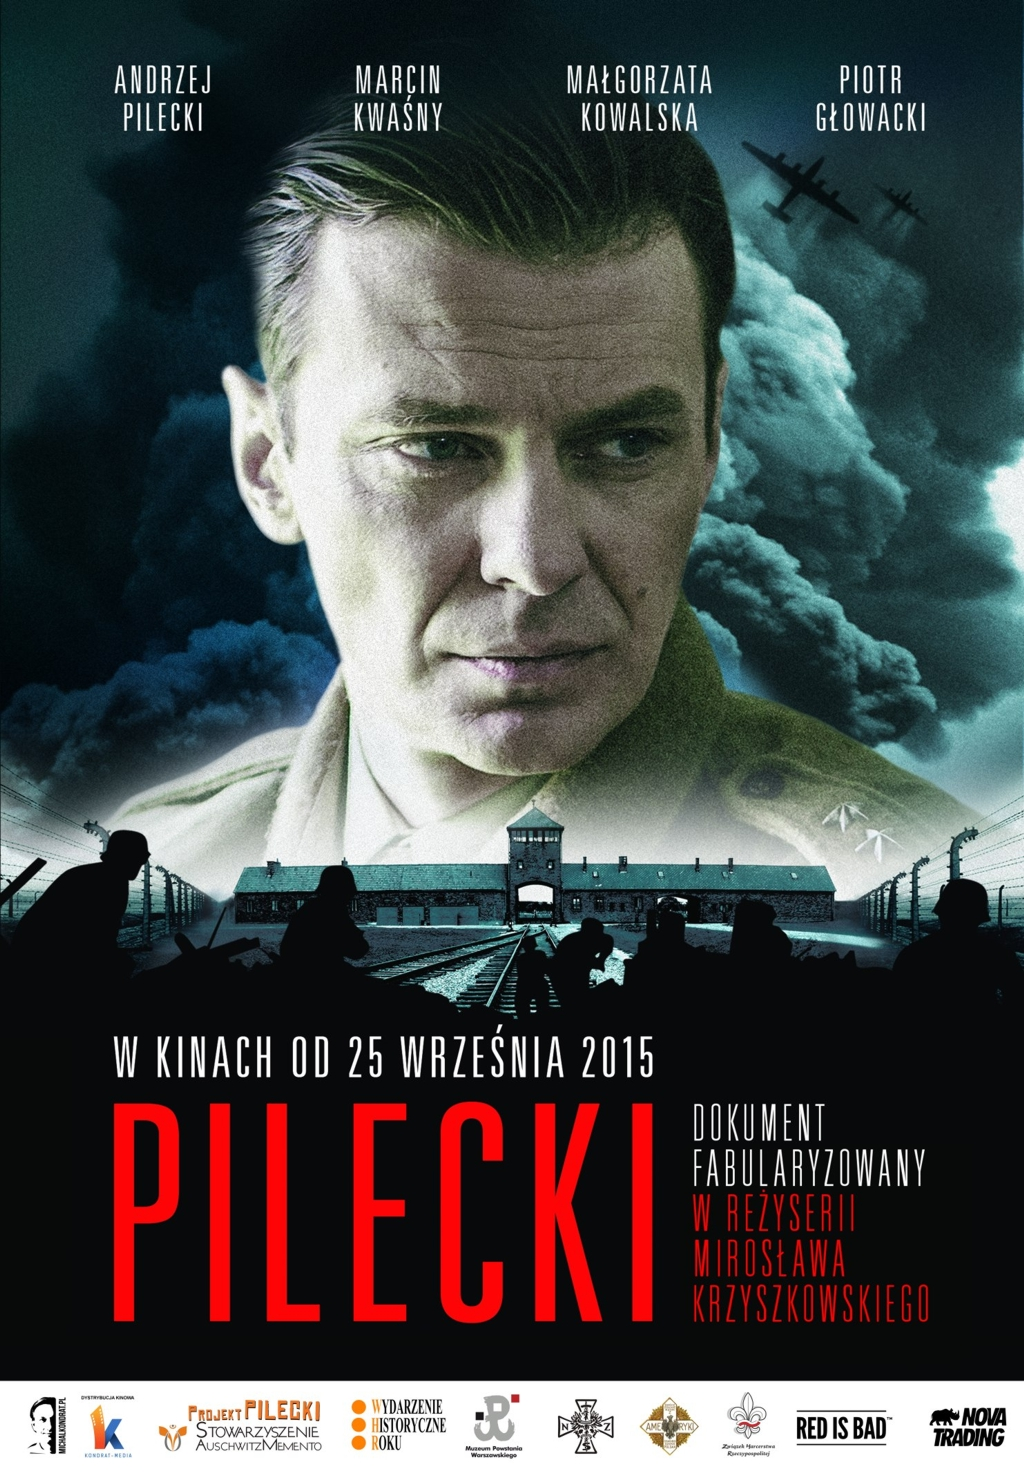 """GMINNE CENTRUM KULTURY ZAPRASZA NA FILM """"PILECKI"""""""